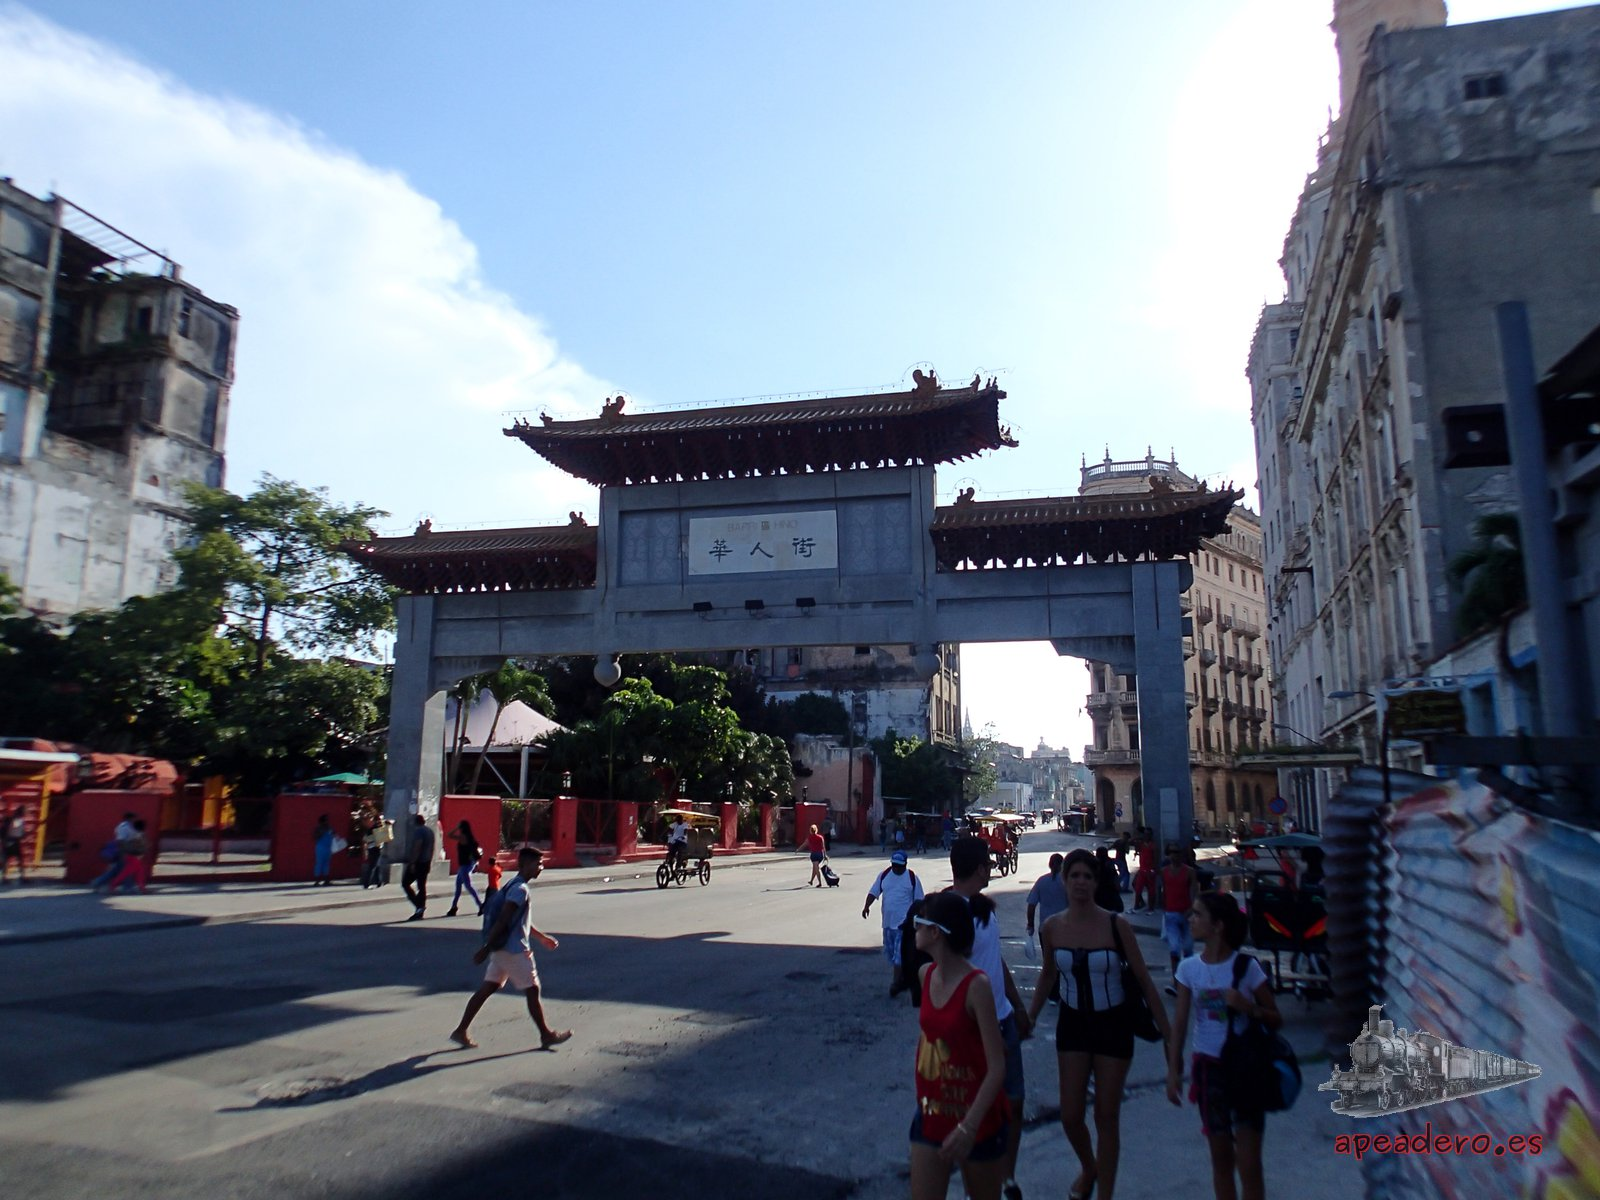 Barrio chino de La Habana el día que visitamos el carnaval de La Habana y Cienfuegos